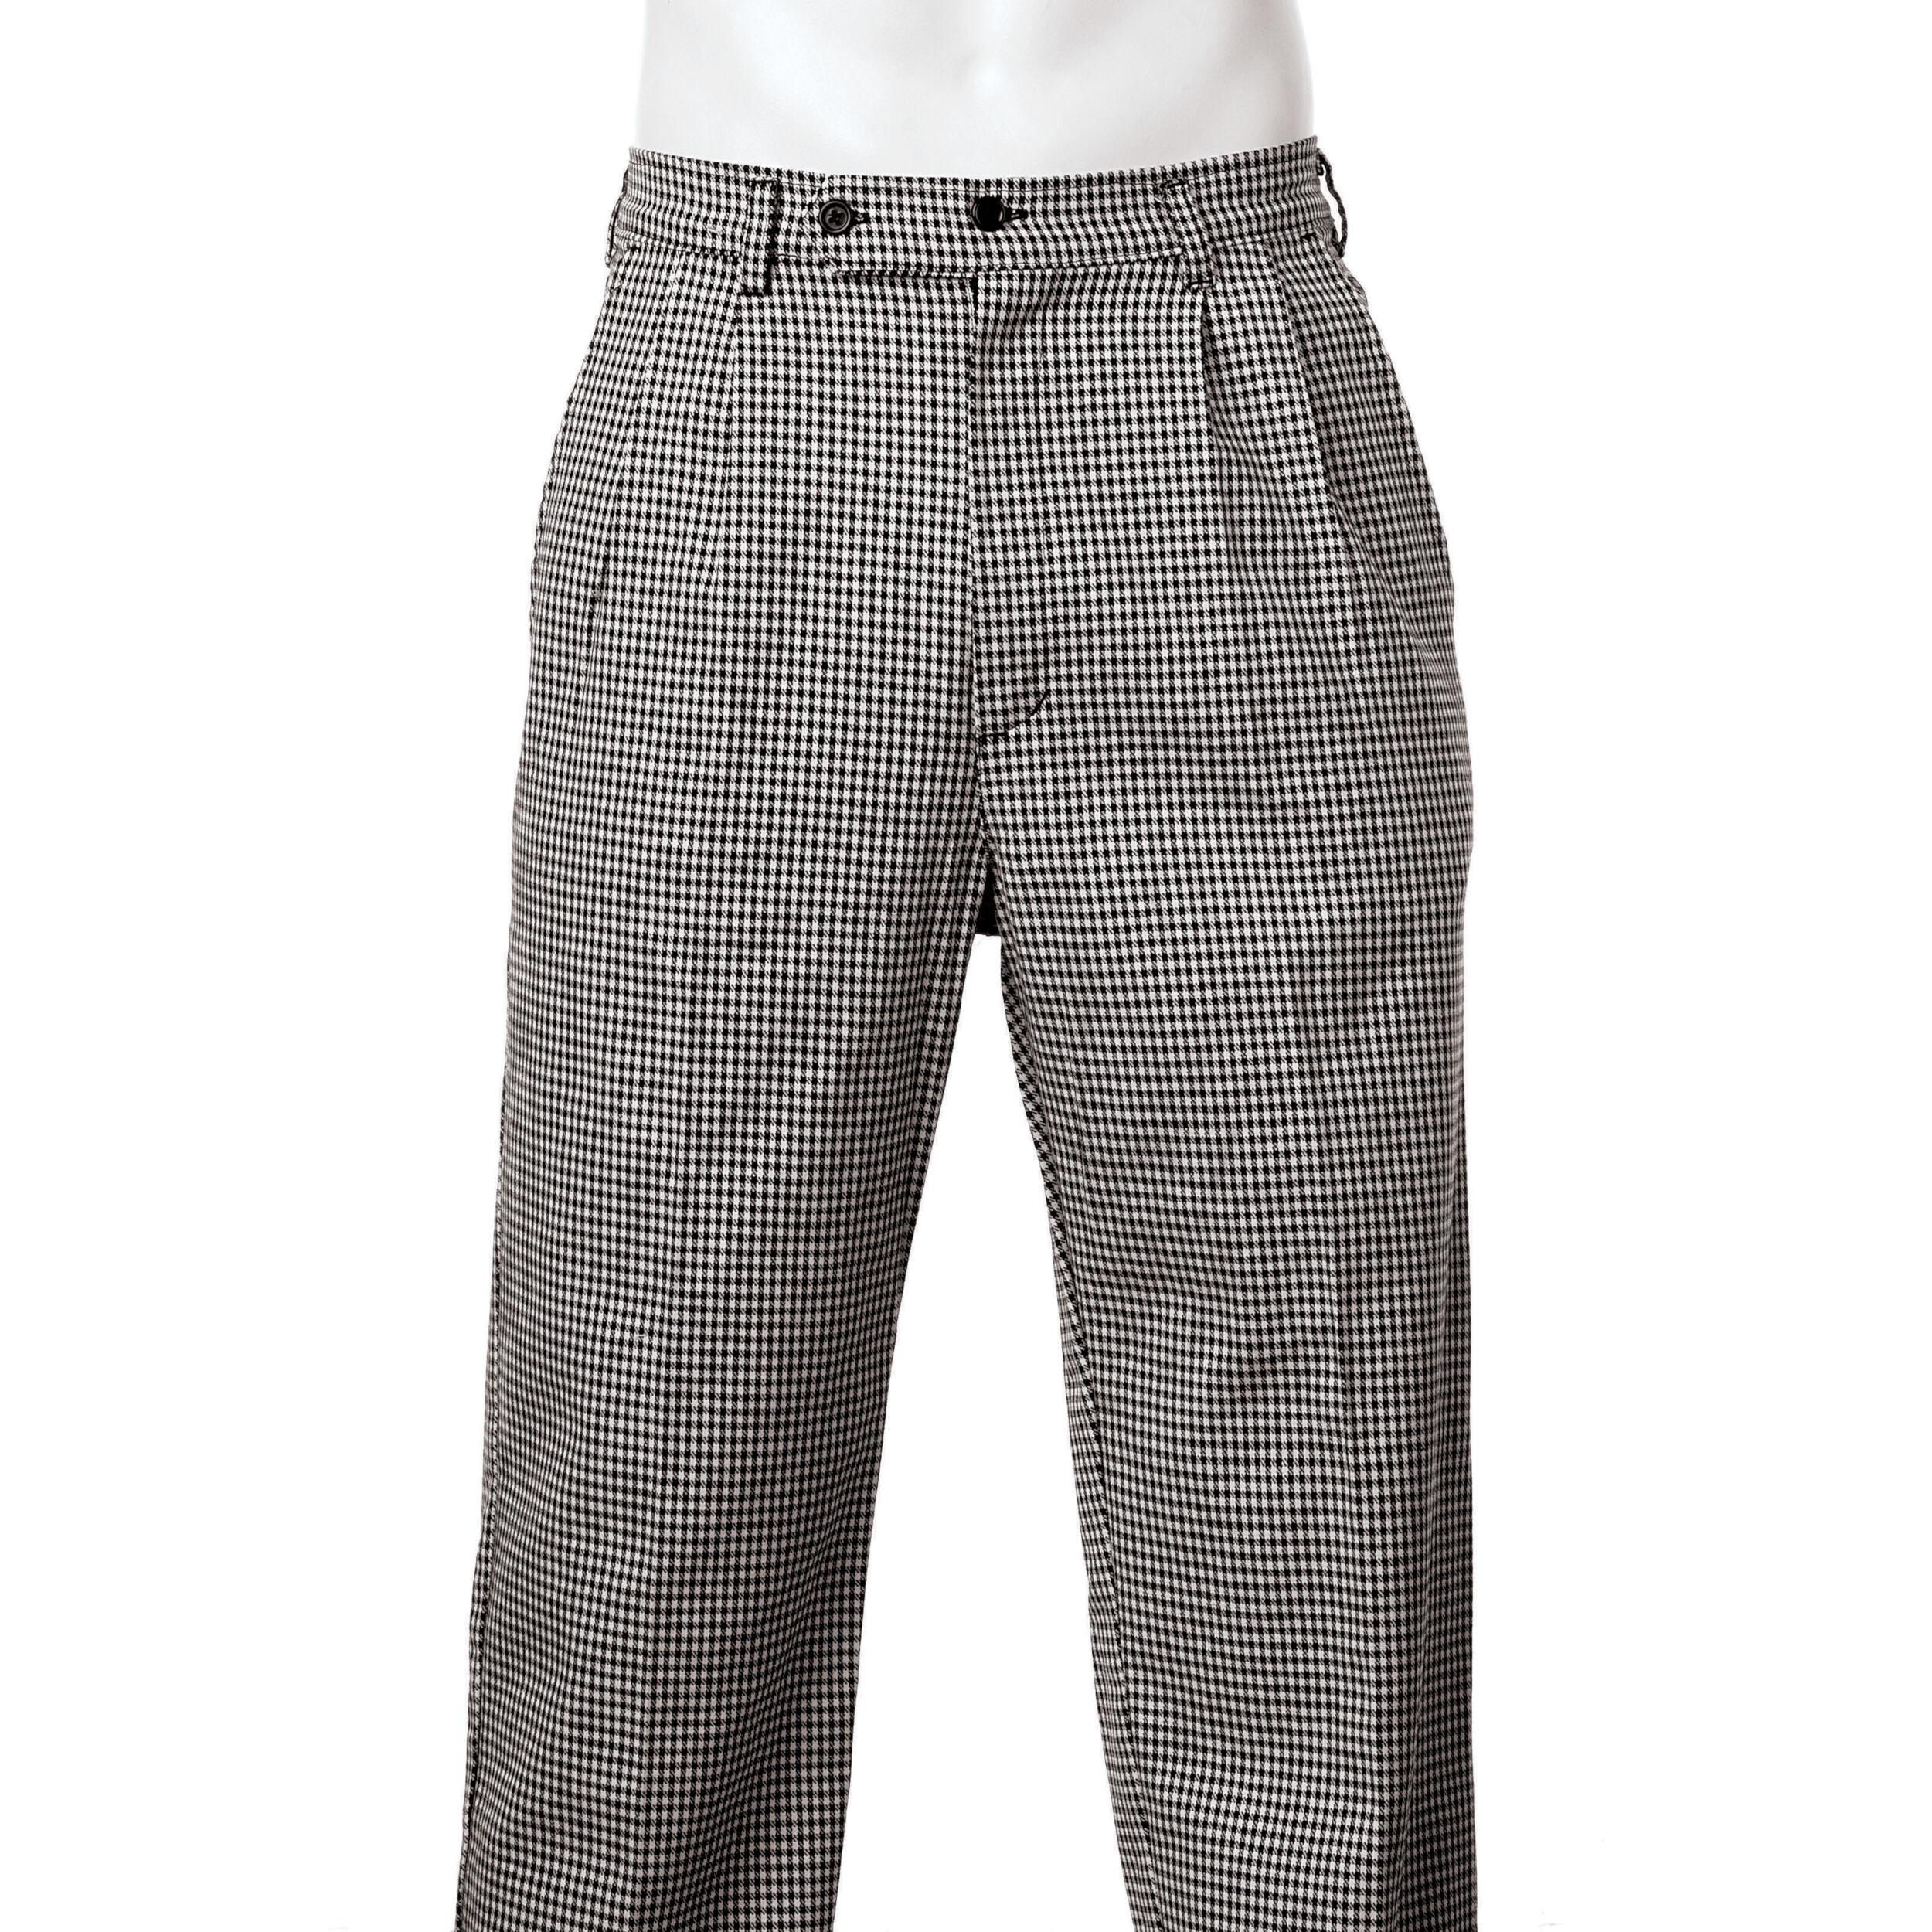 Pantaloni Cuoco Tg. 48, peso 0